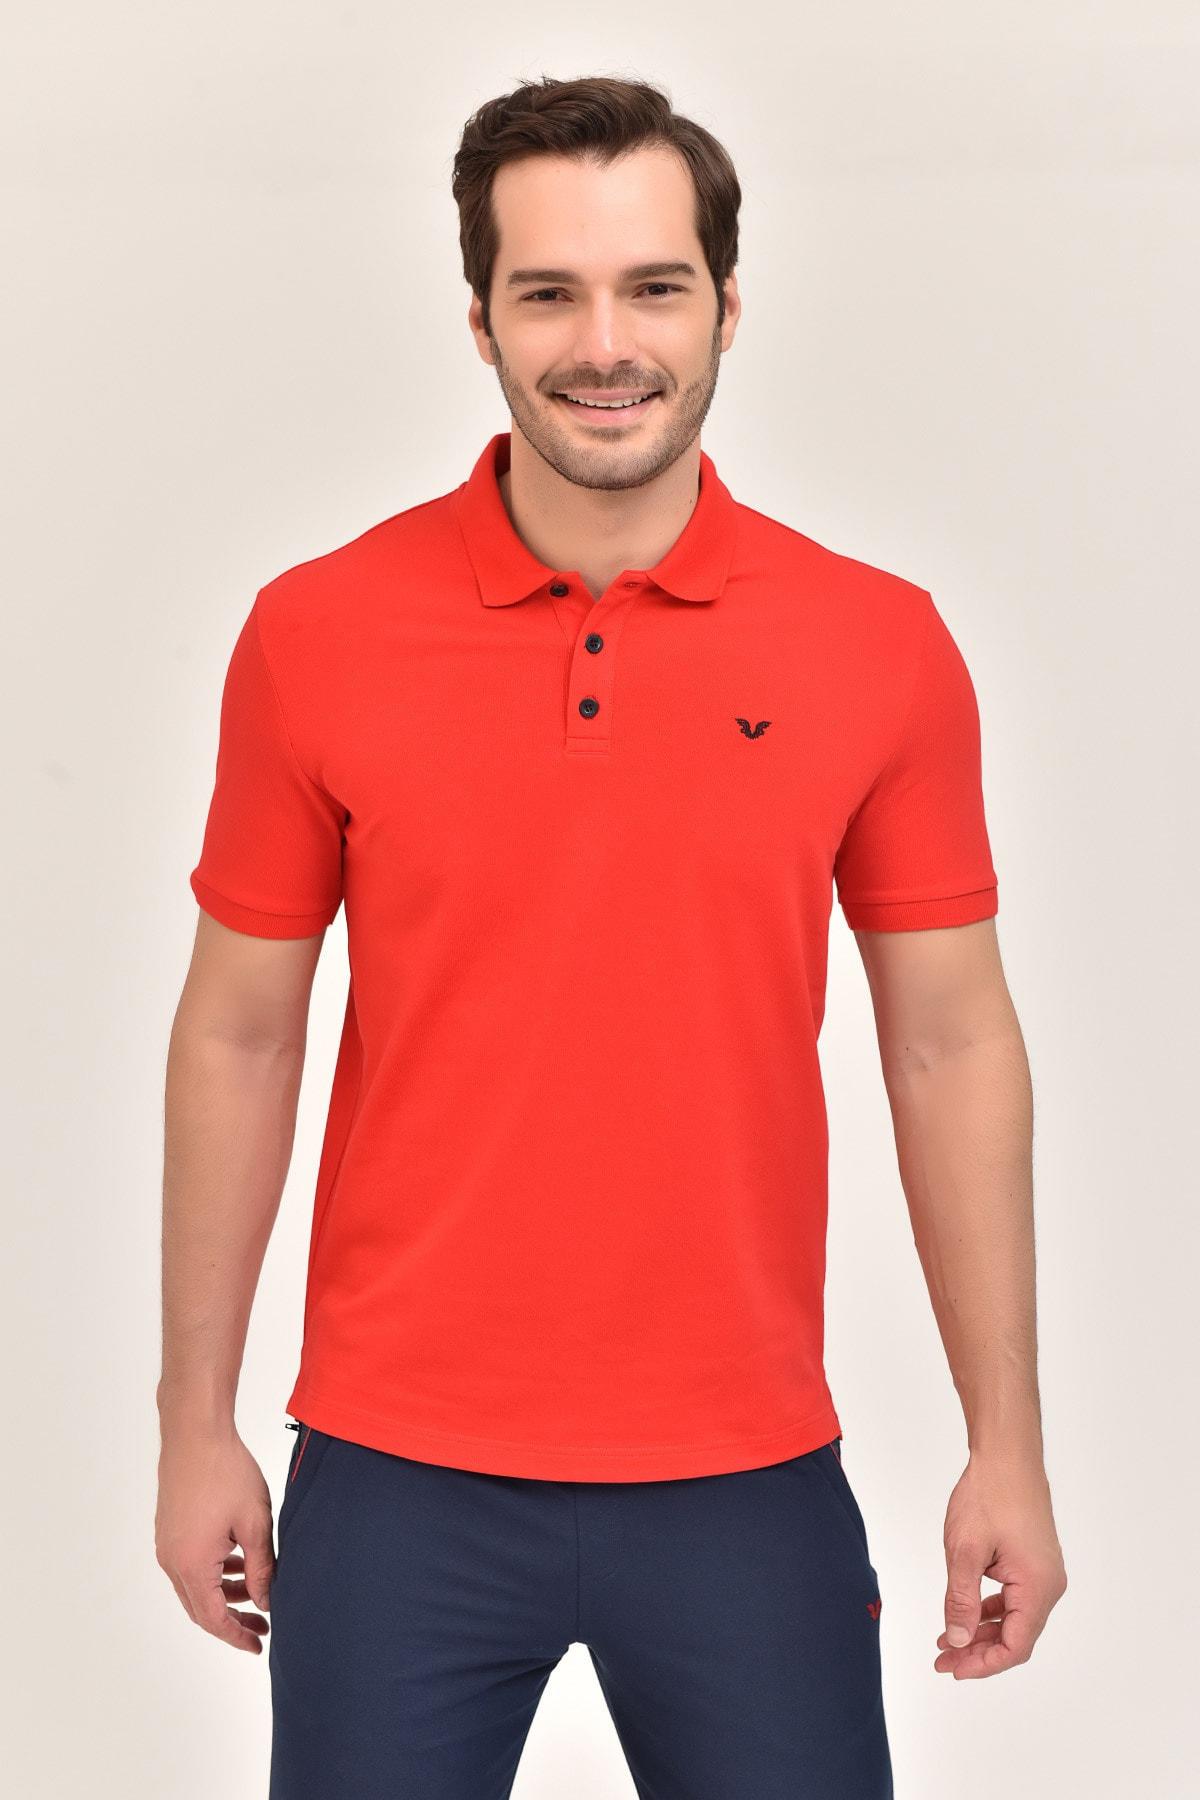 bilcee Kırmızı Erkek Polo Yaka T-Shirt GS-8982 1